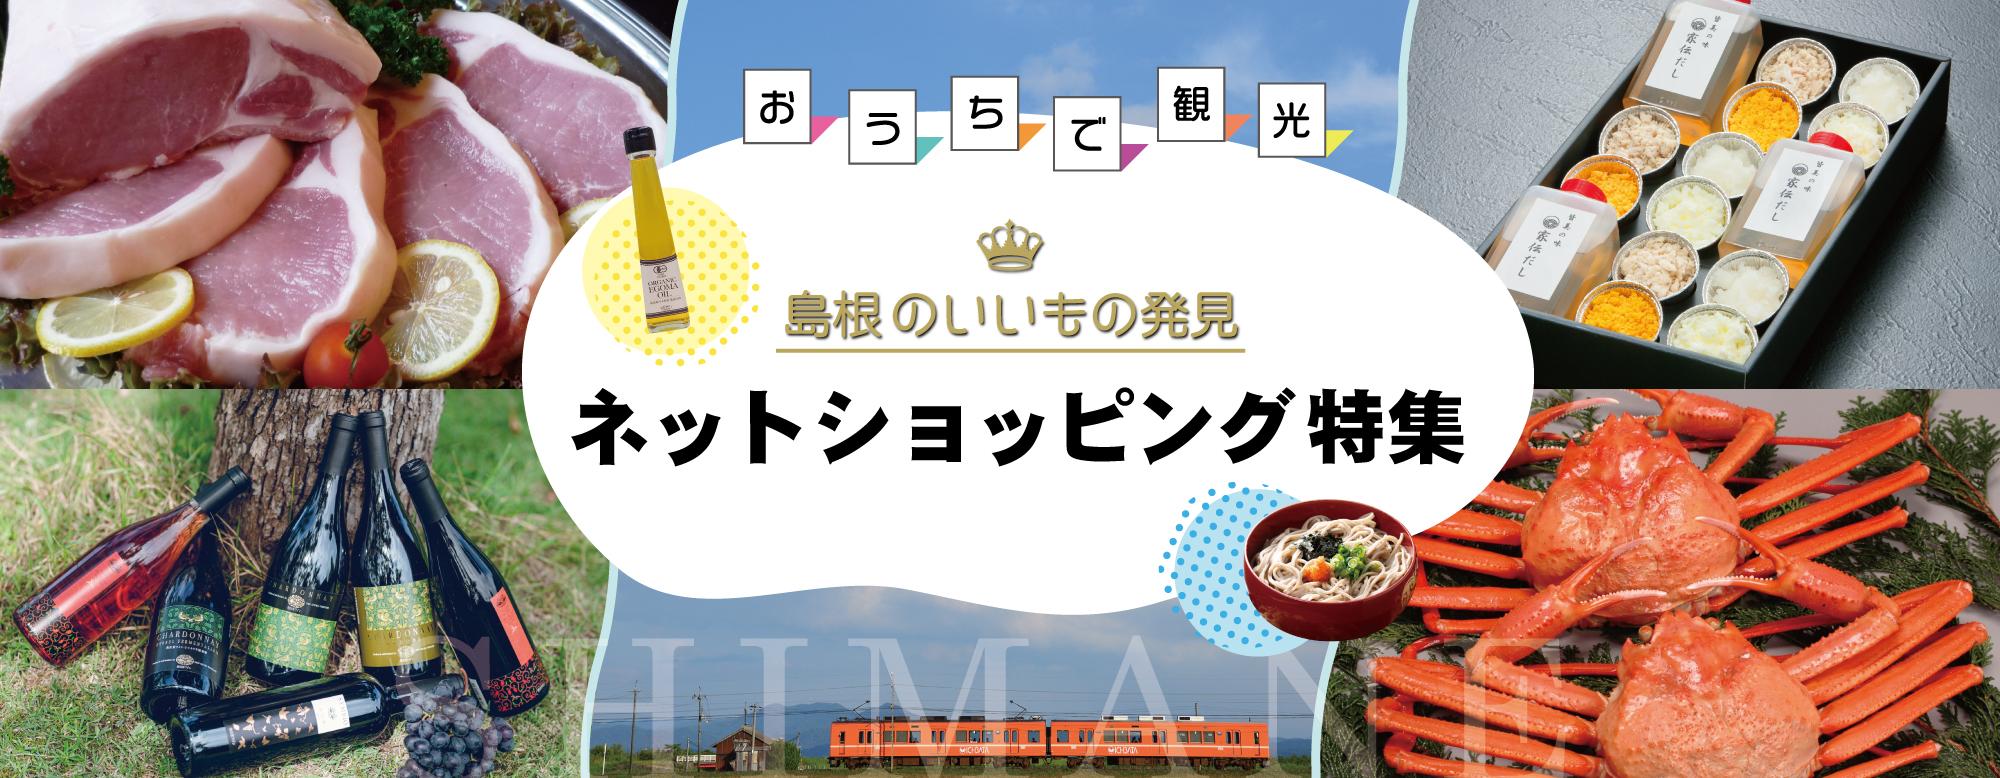 おうちで観光!島根のいいもの発見ネットショッピング特集